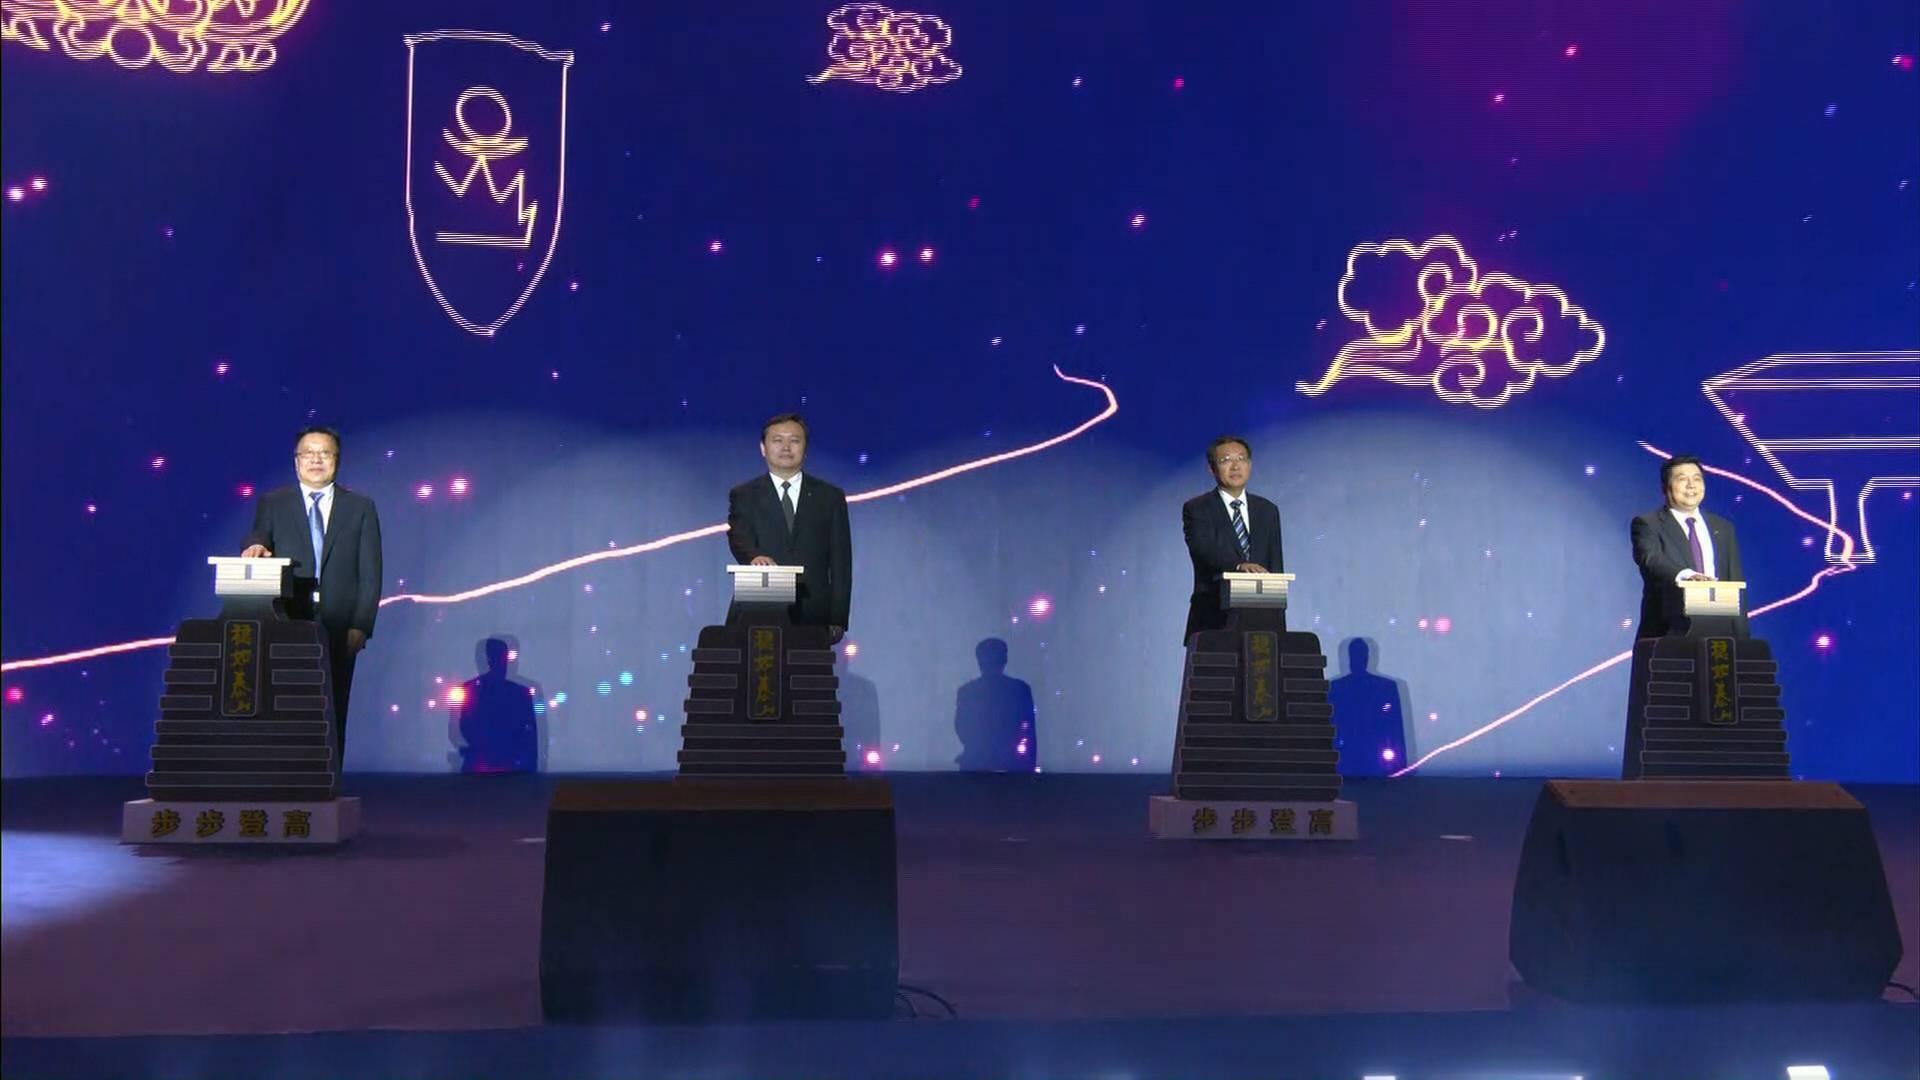 礼乐文化、儒家经典新解读!《齐鲁文化大会》即将开播